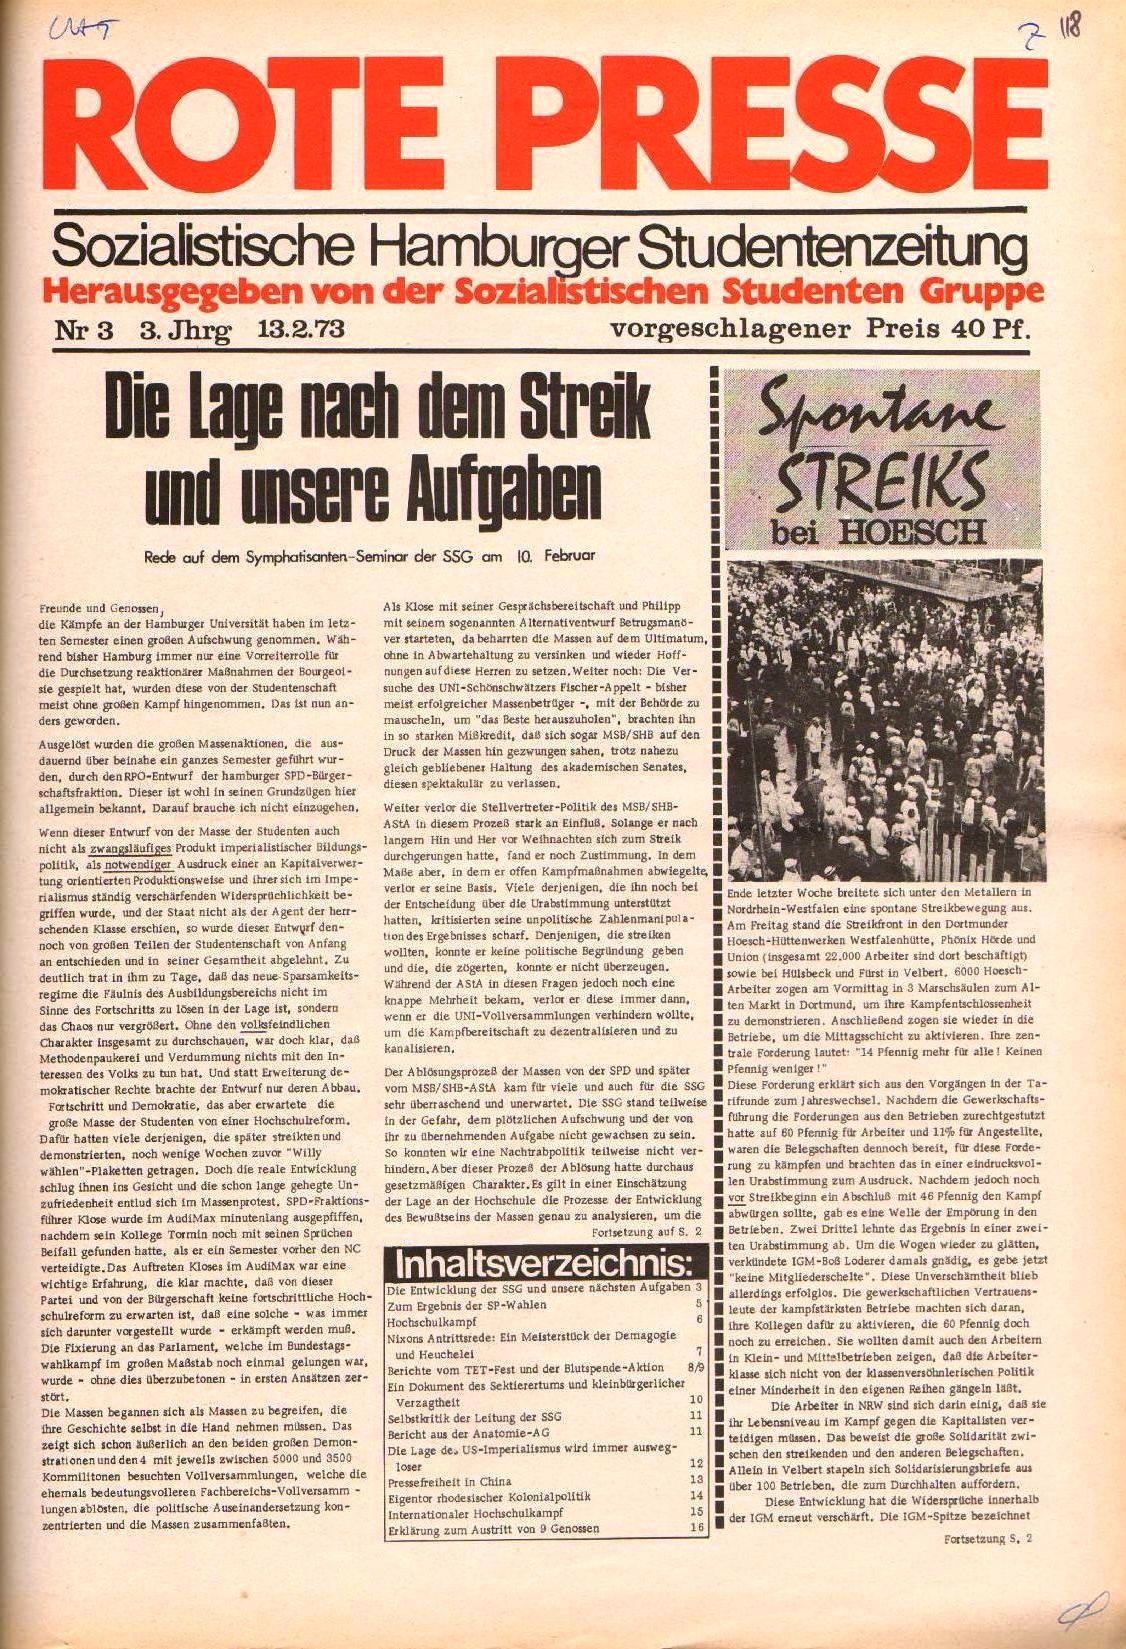 Hamburg_Rote_Presse119